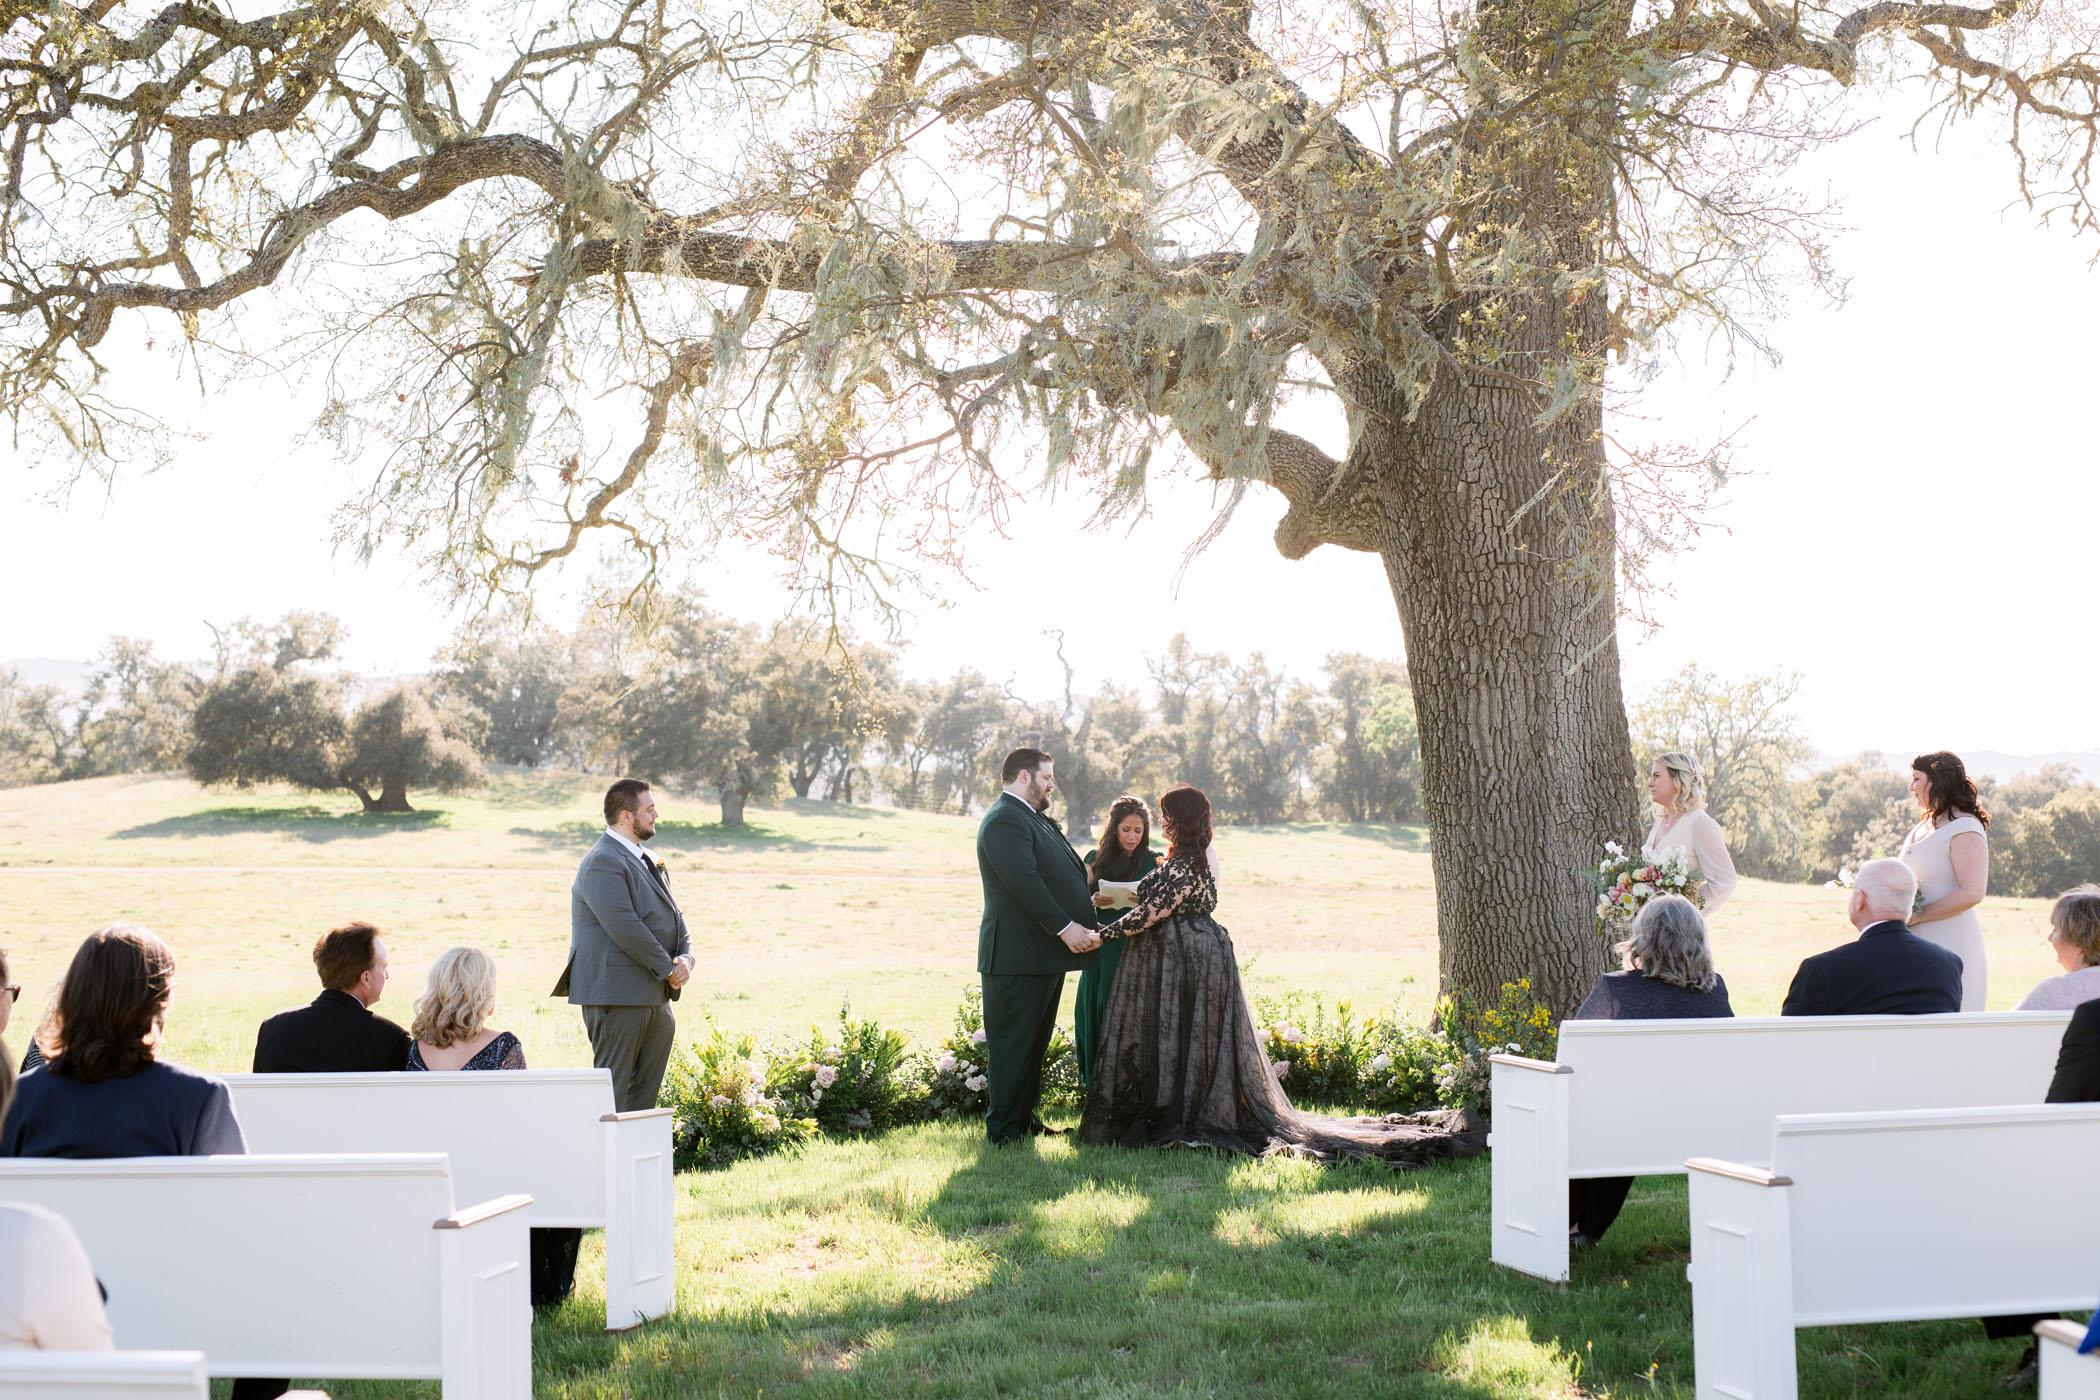 Alfresco Ceremony with a Black Wedding Dress